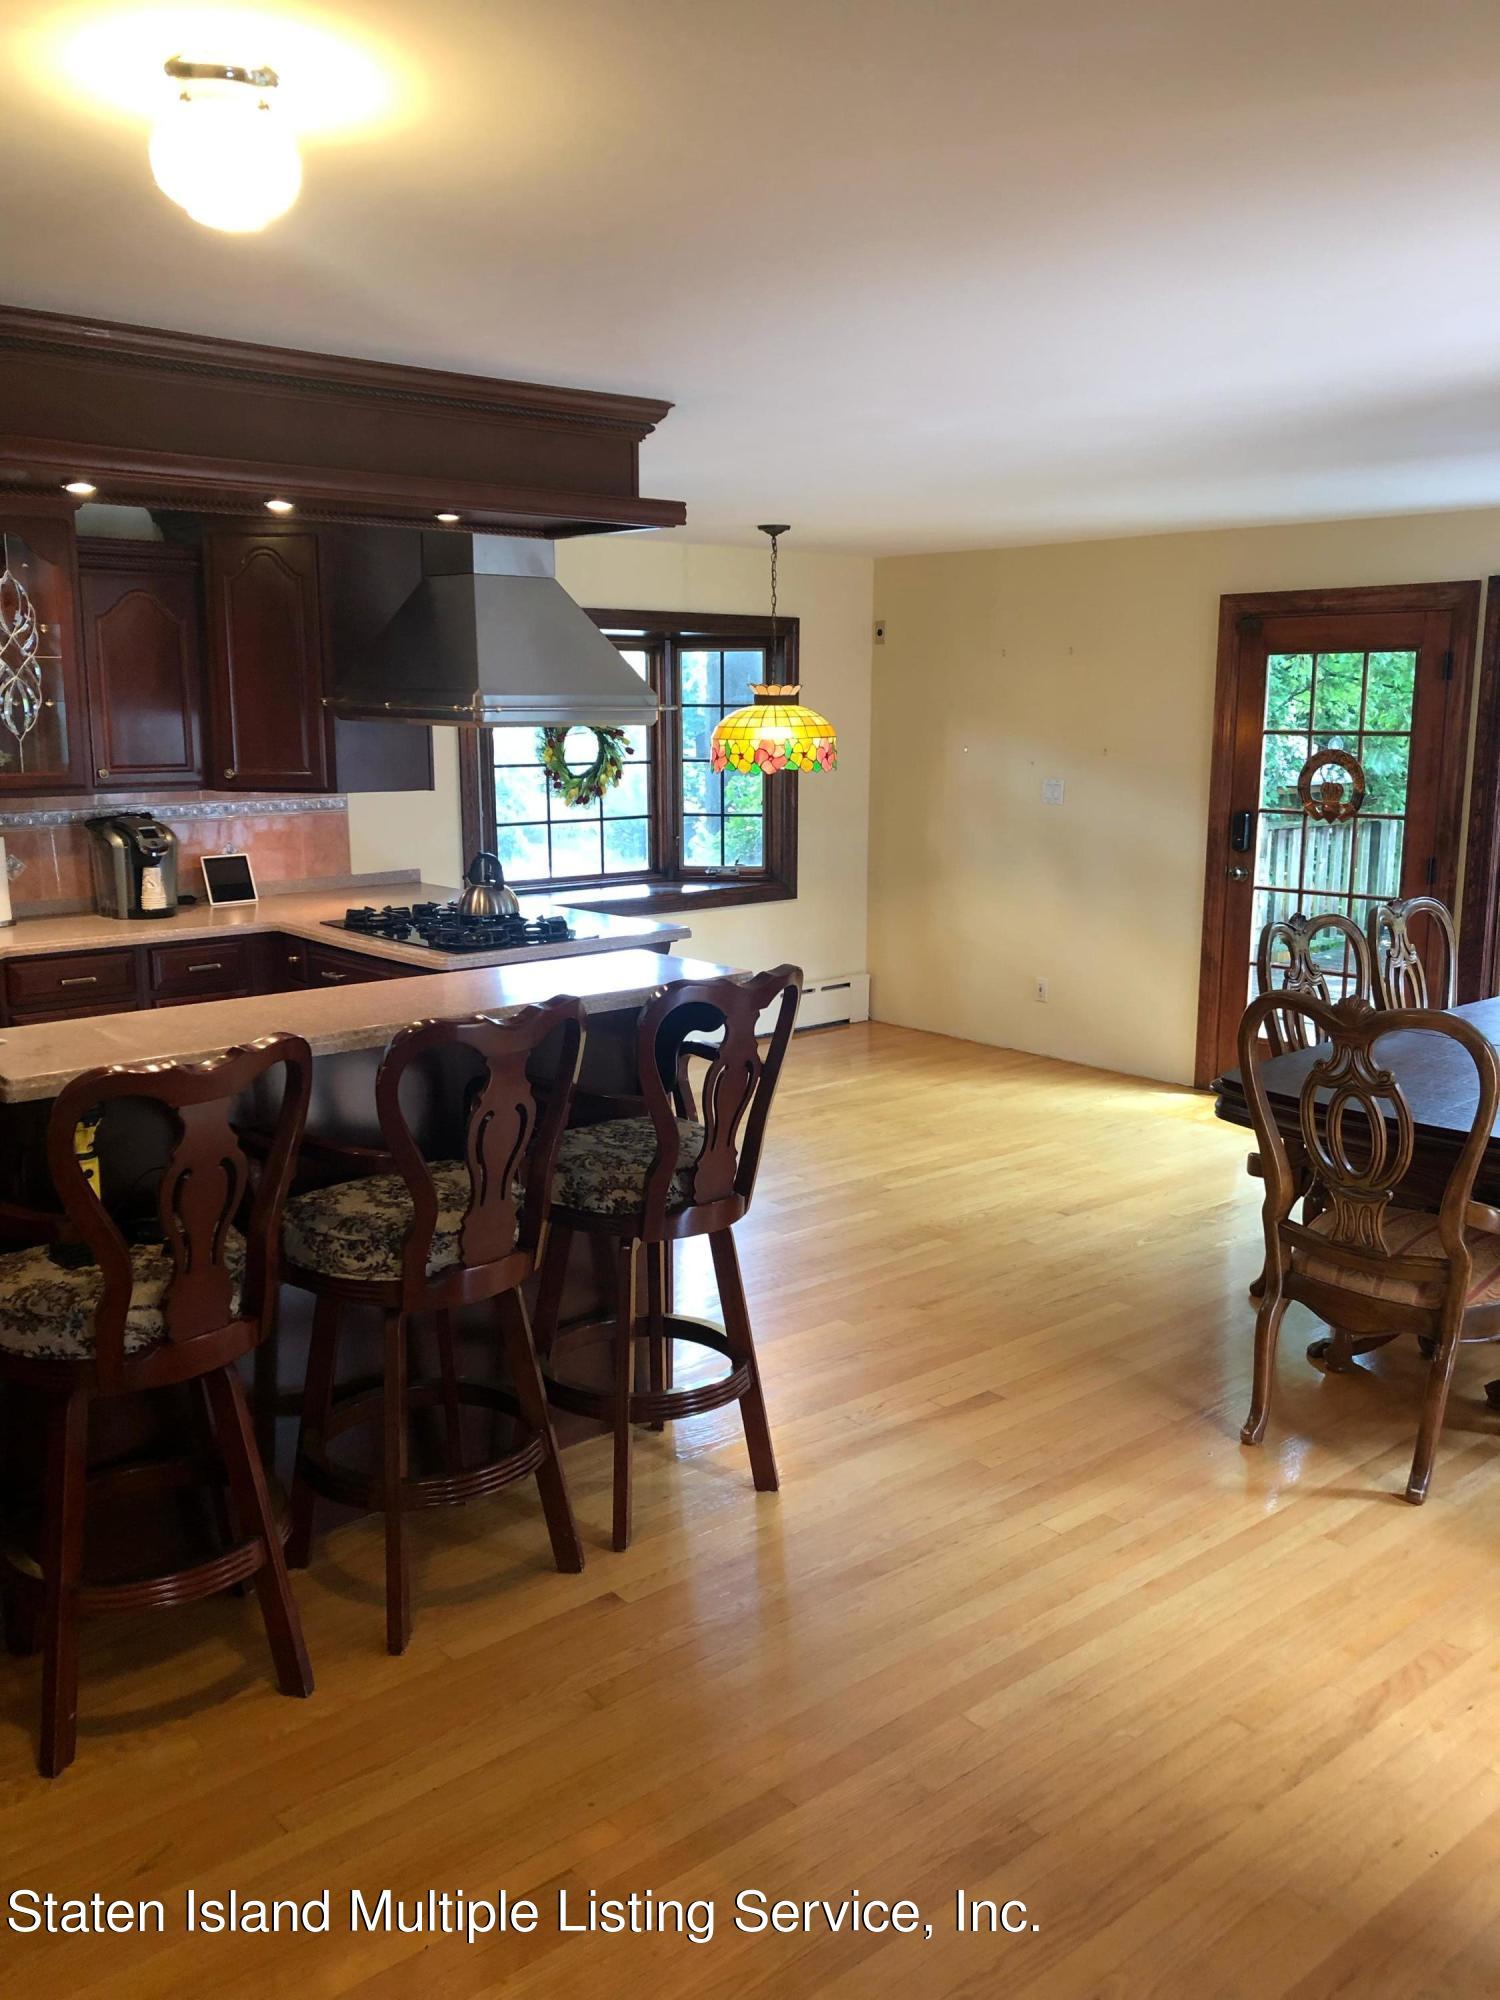 Single Family - Detached 88 Howton Avenue  Staten Island, NY 10308, MLS-1147500-6